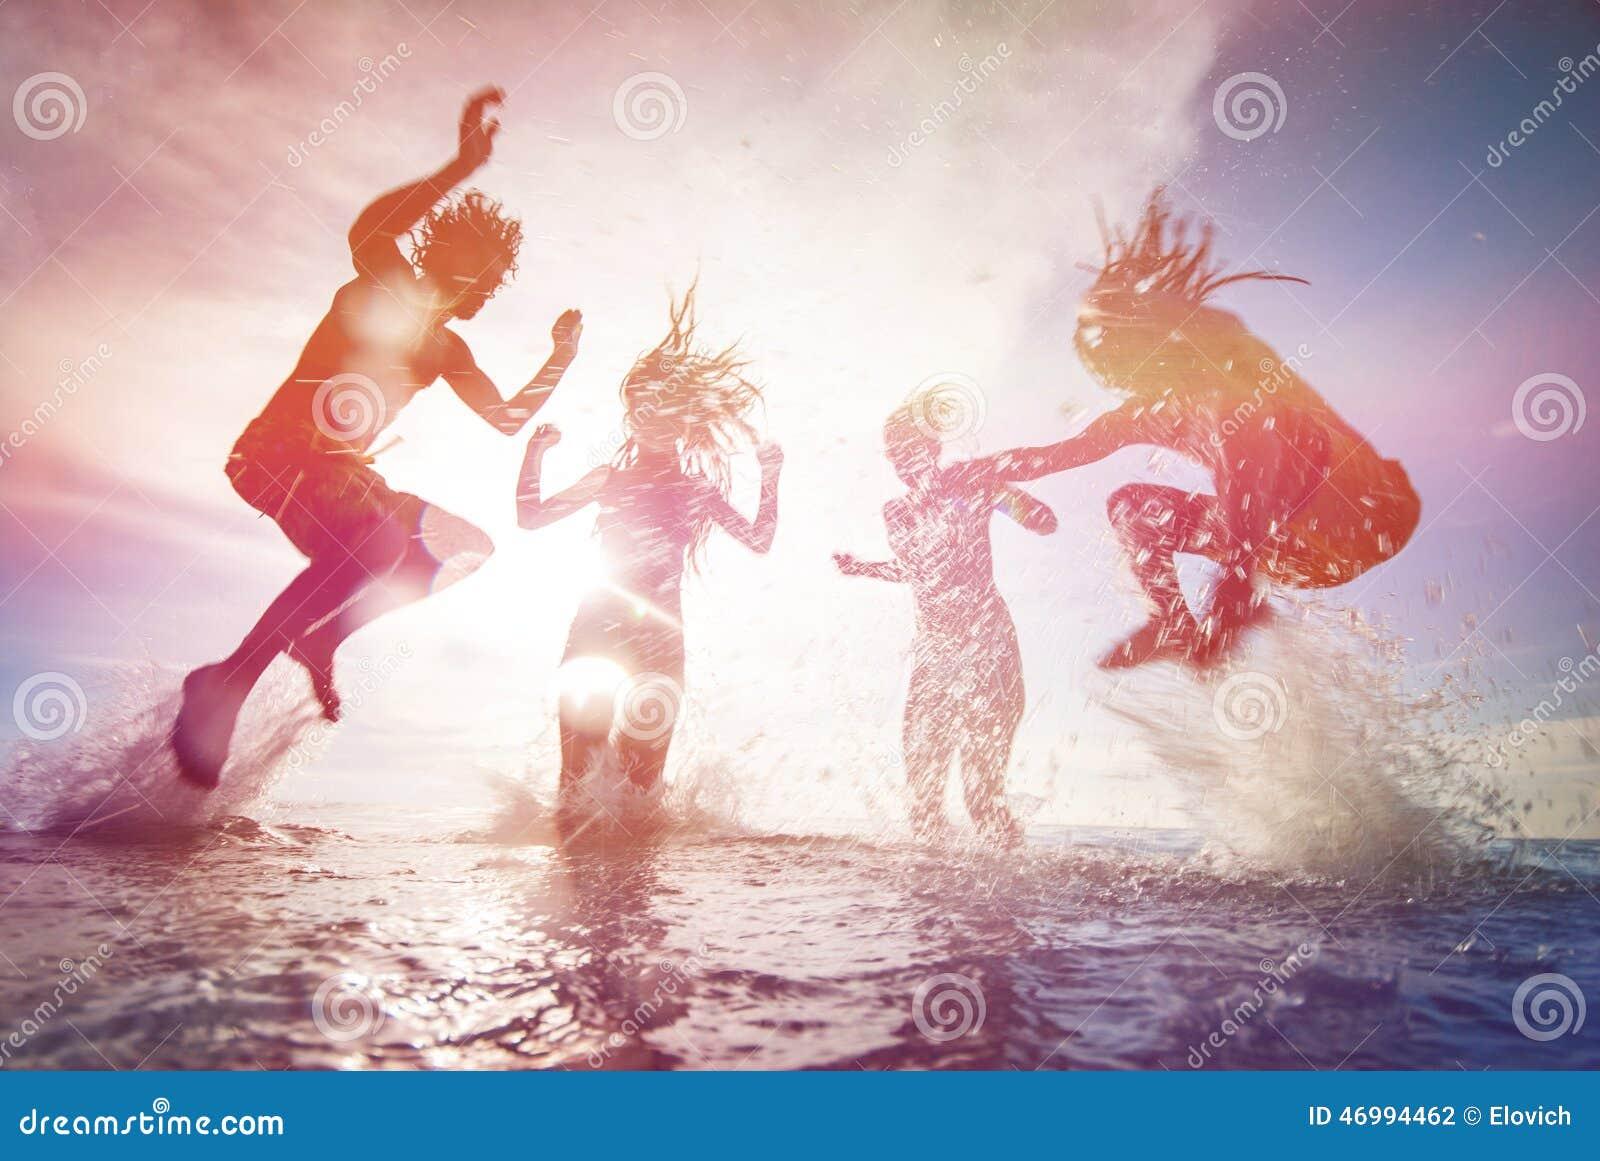 Silhouettes des jeunes heureux